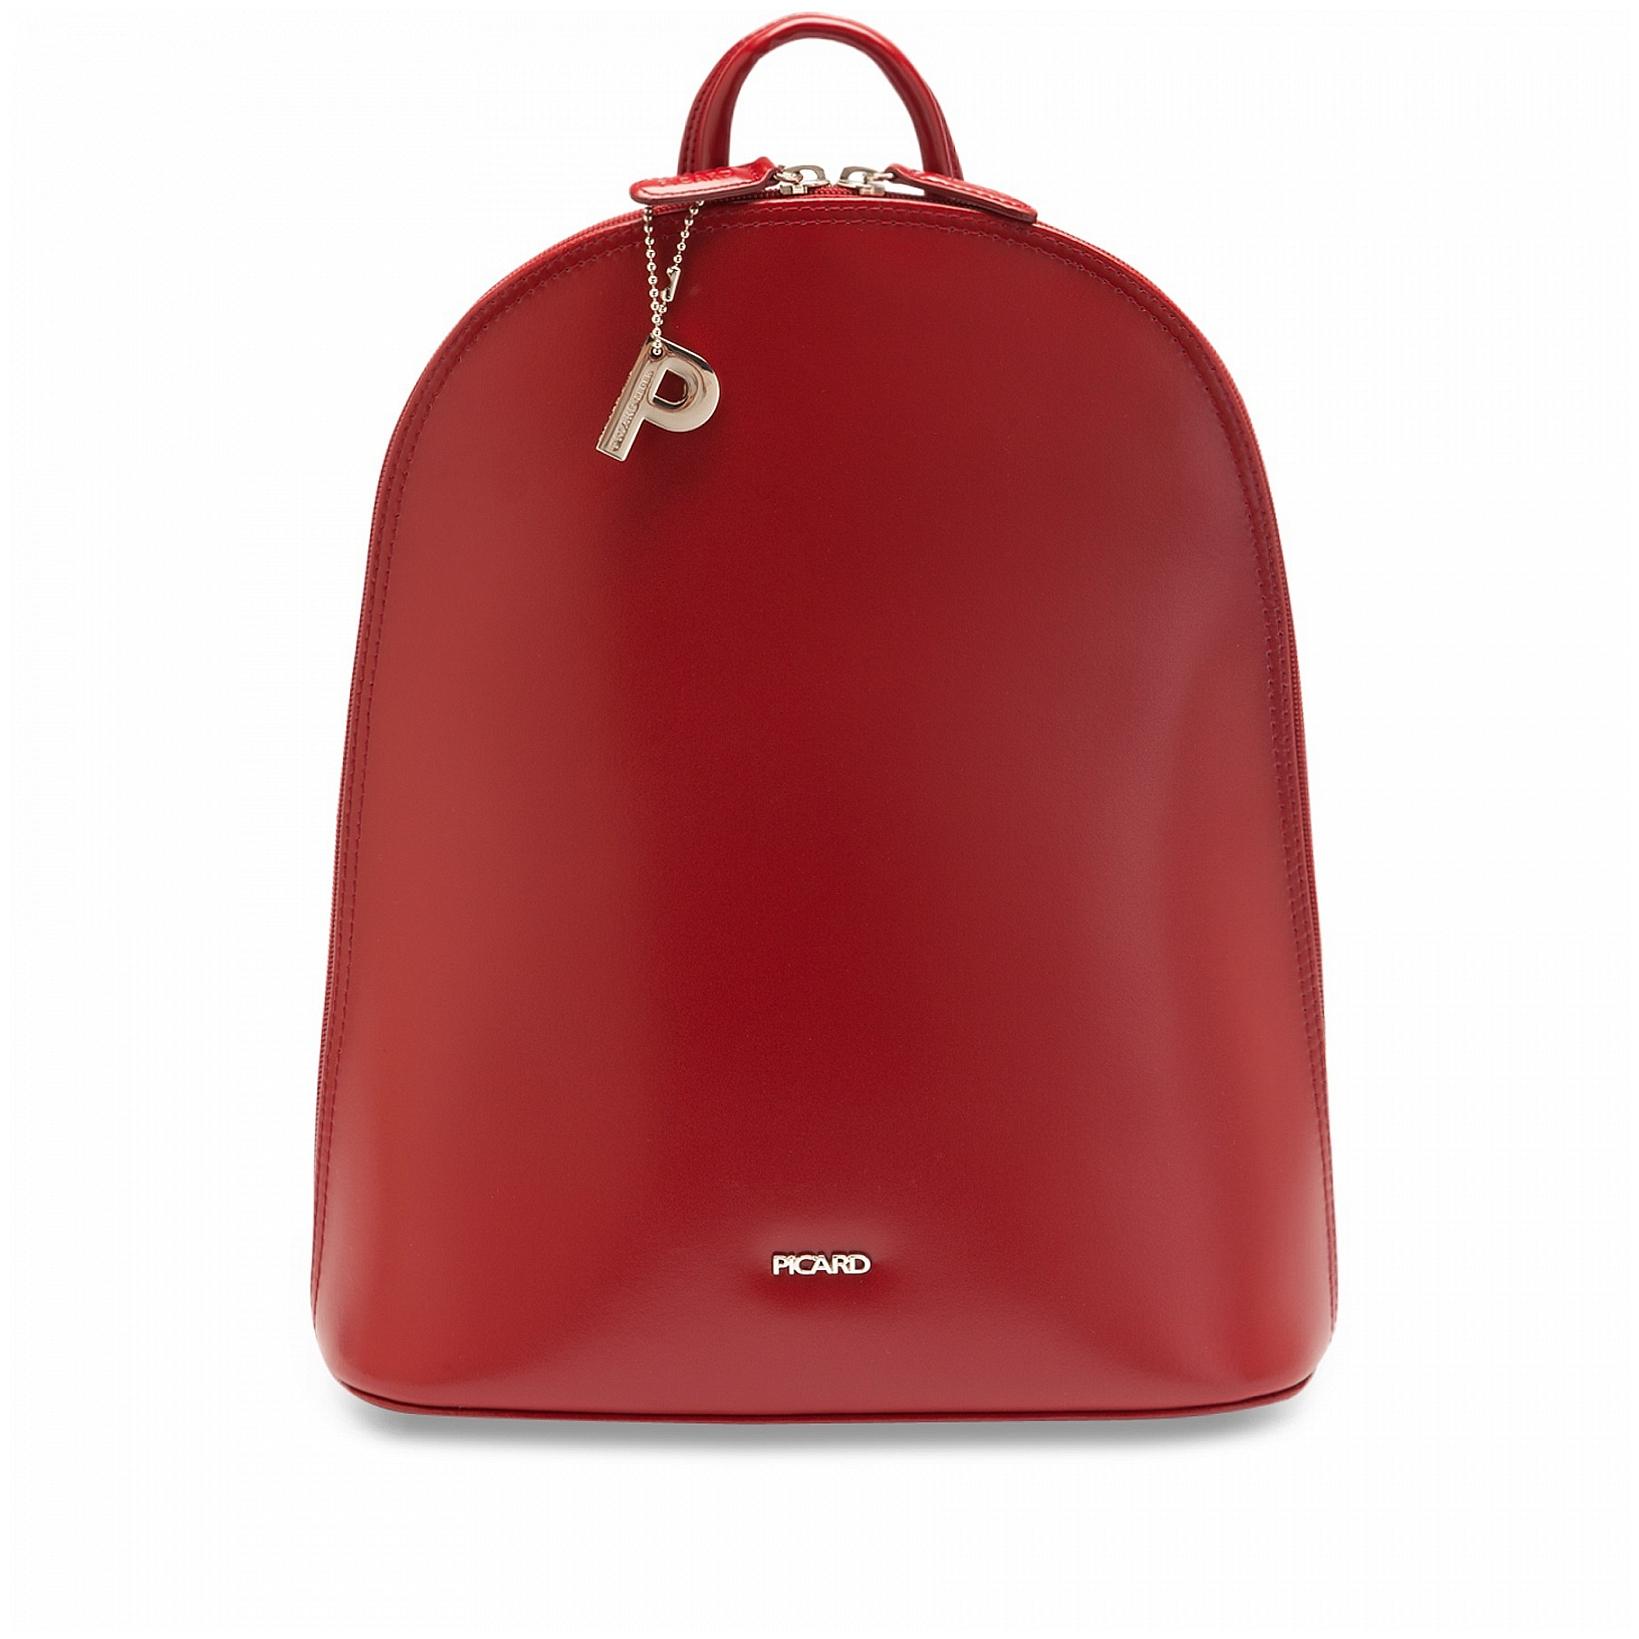 PICARD Elegantní kožený batoh do města BERLIN 4624 červený